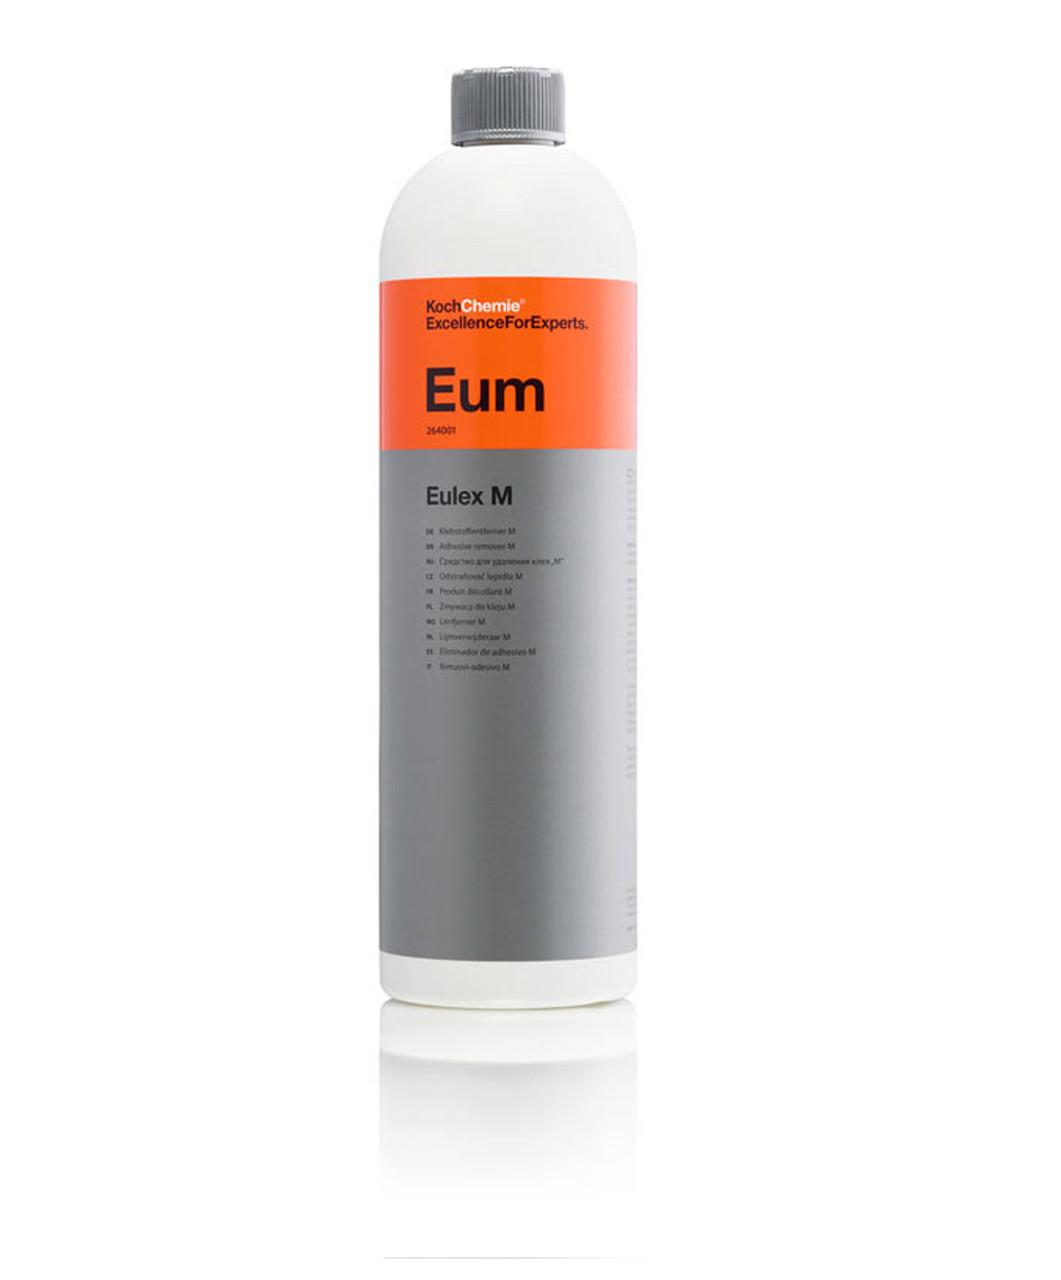 KOCH CHEMIE Eulex M  Очиститель от клея, смолы и остатков резины (для матовых поверхностей)